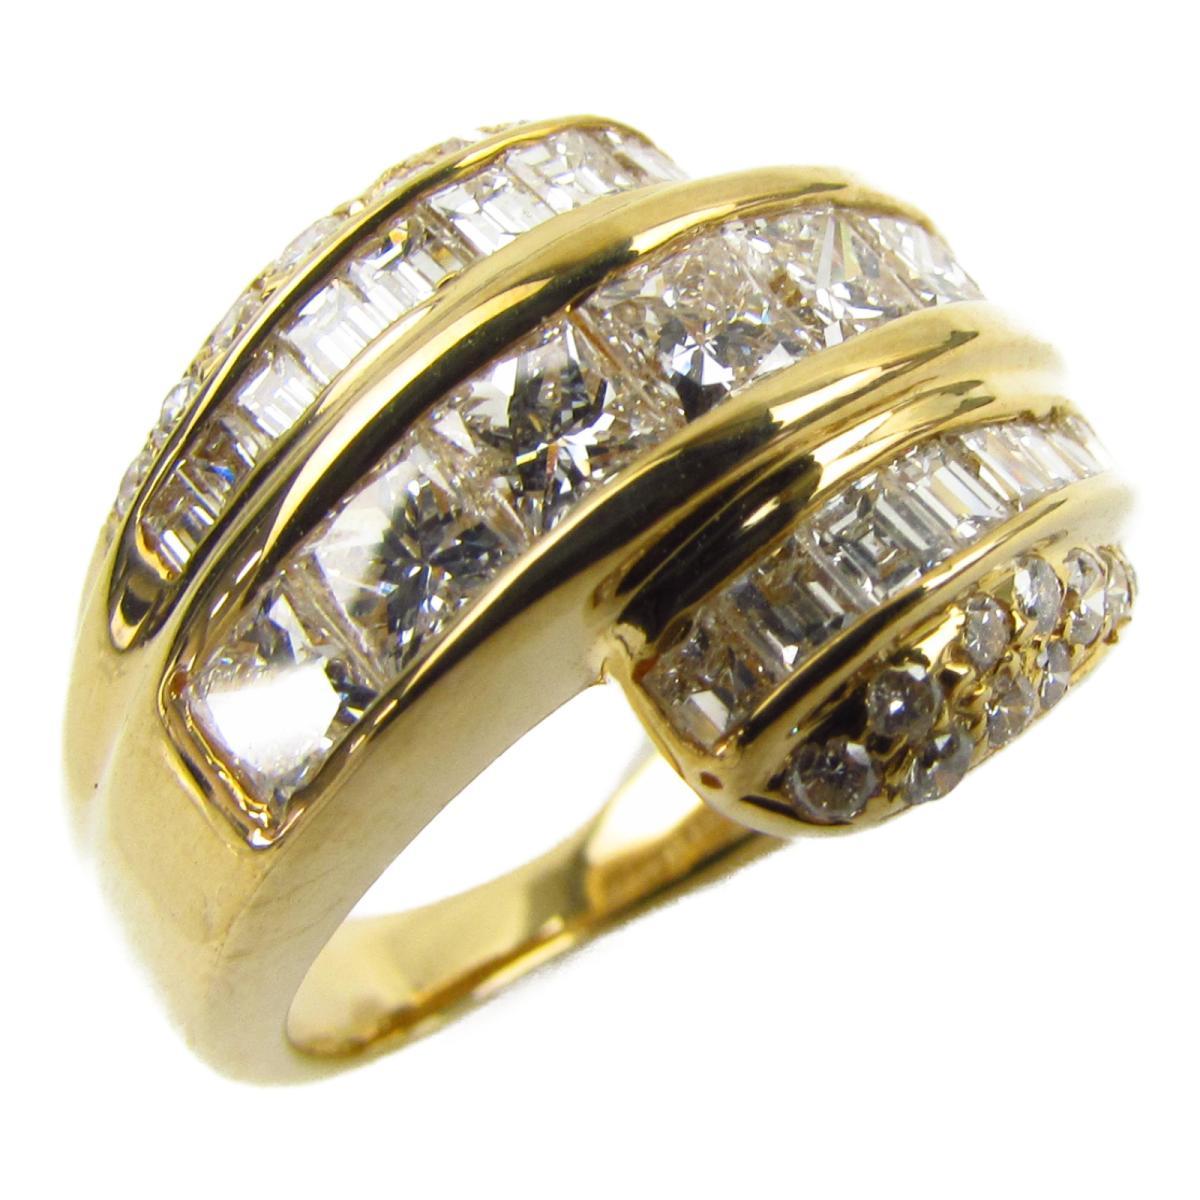 ジュエリー ダイヤモンド リング 指輪 ノーブランドジュエリー レディース K18YG (750) イエローゴールド x ダイヤモンド1.80ct 【中古】   JEWELRY BRANDOFF ブランドオフ アクセサリー